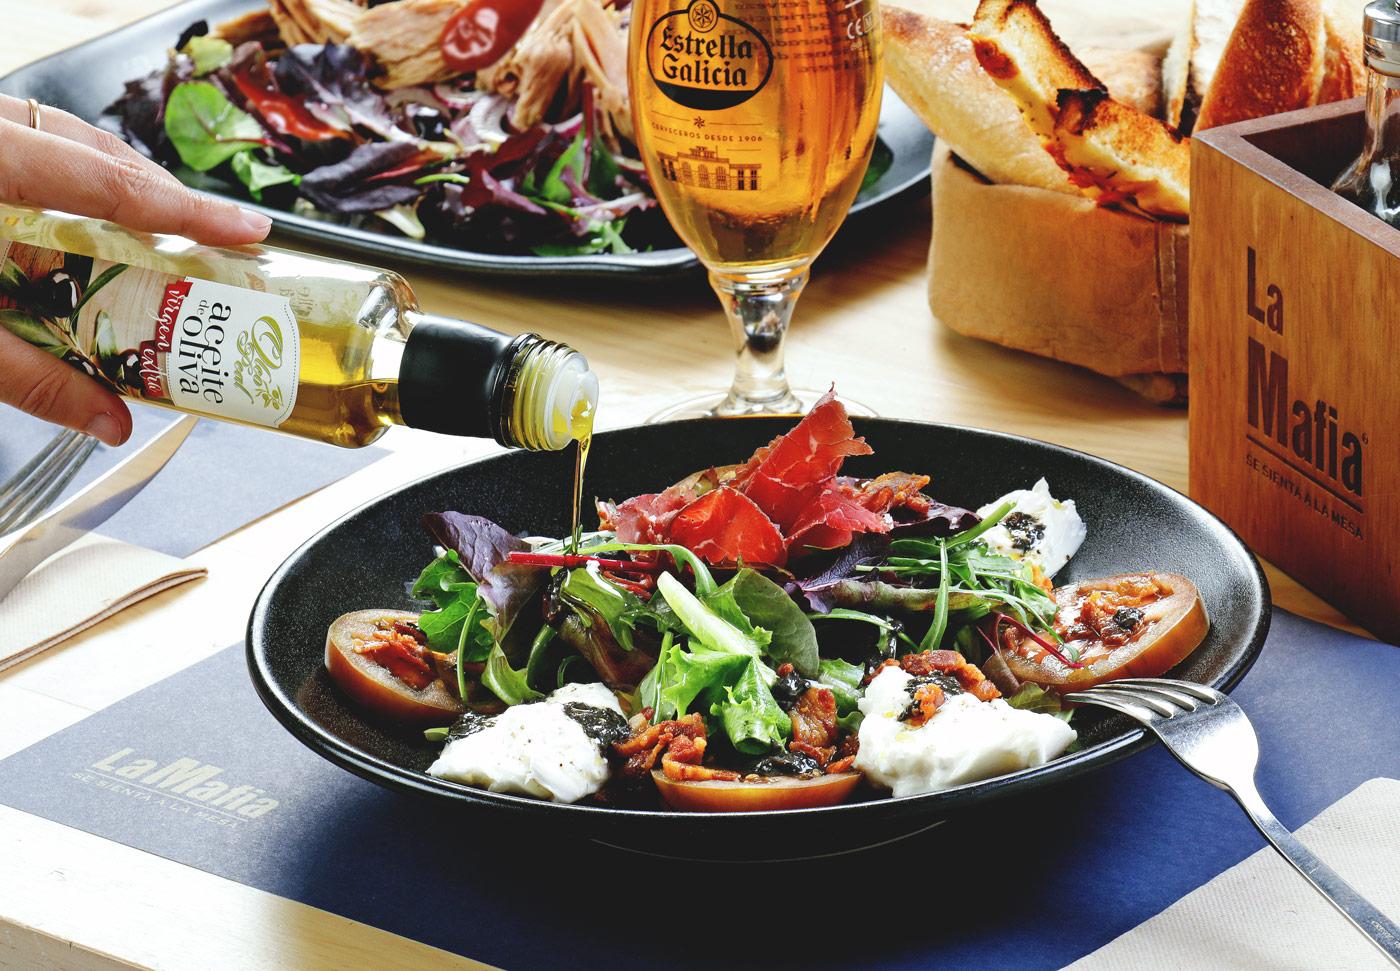 cocina italiana 1 - La cocina internacional que más triunfa en España